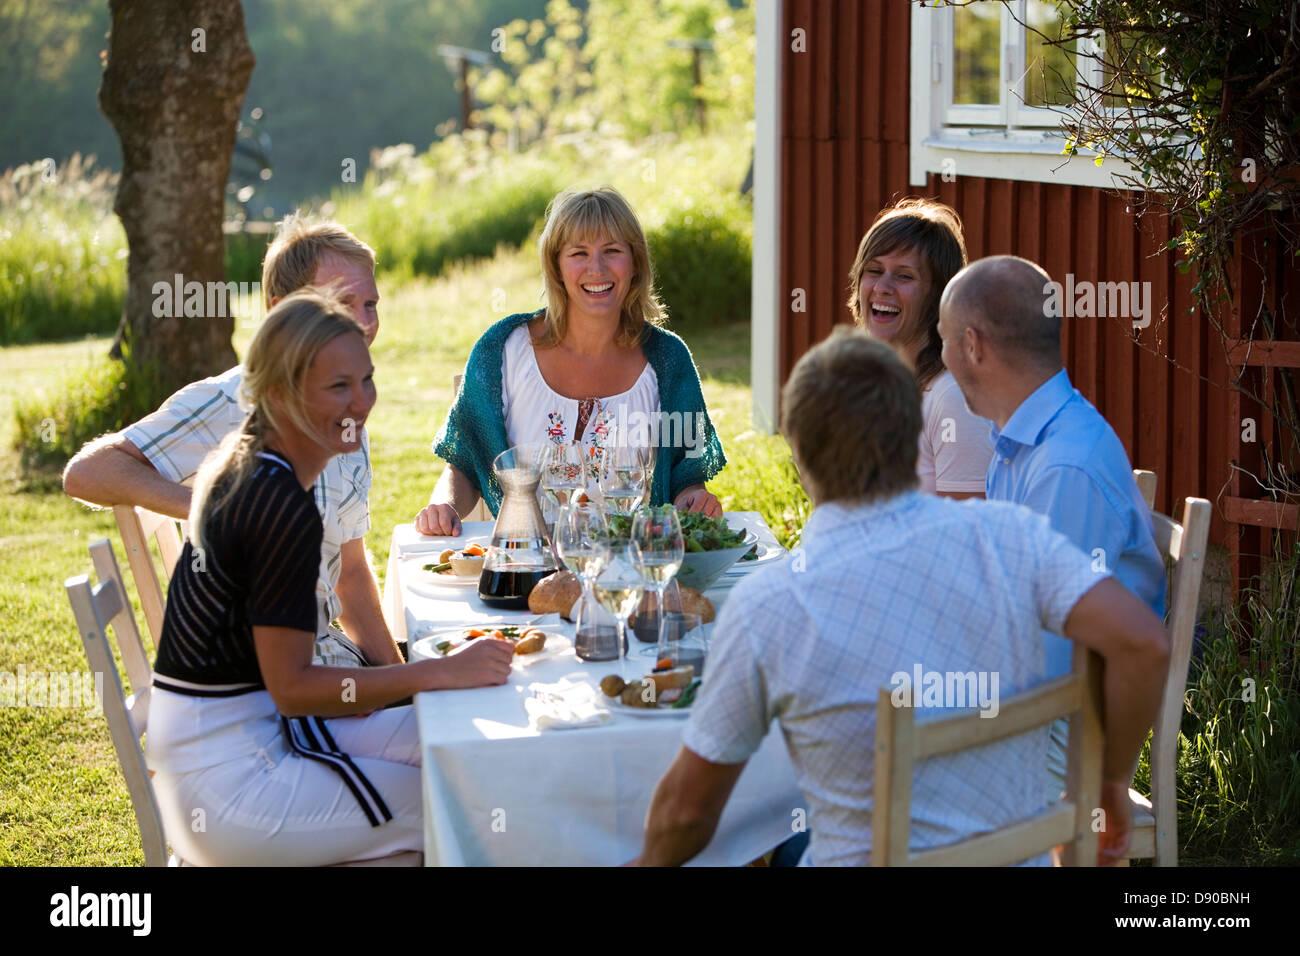 Midsummer nell arcipelago di Stoccolma, Svezia. Foto Stock